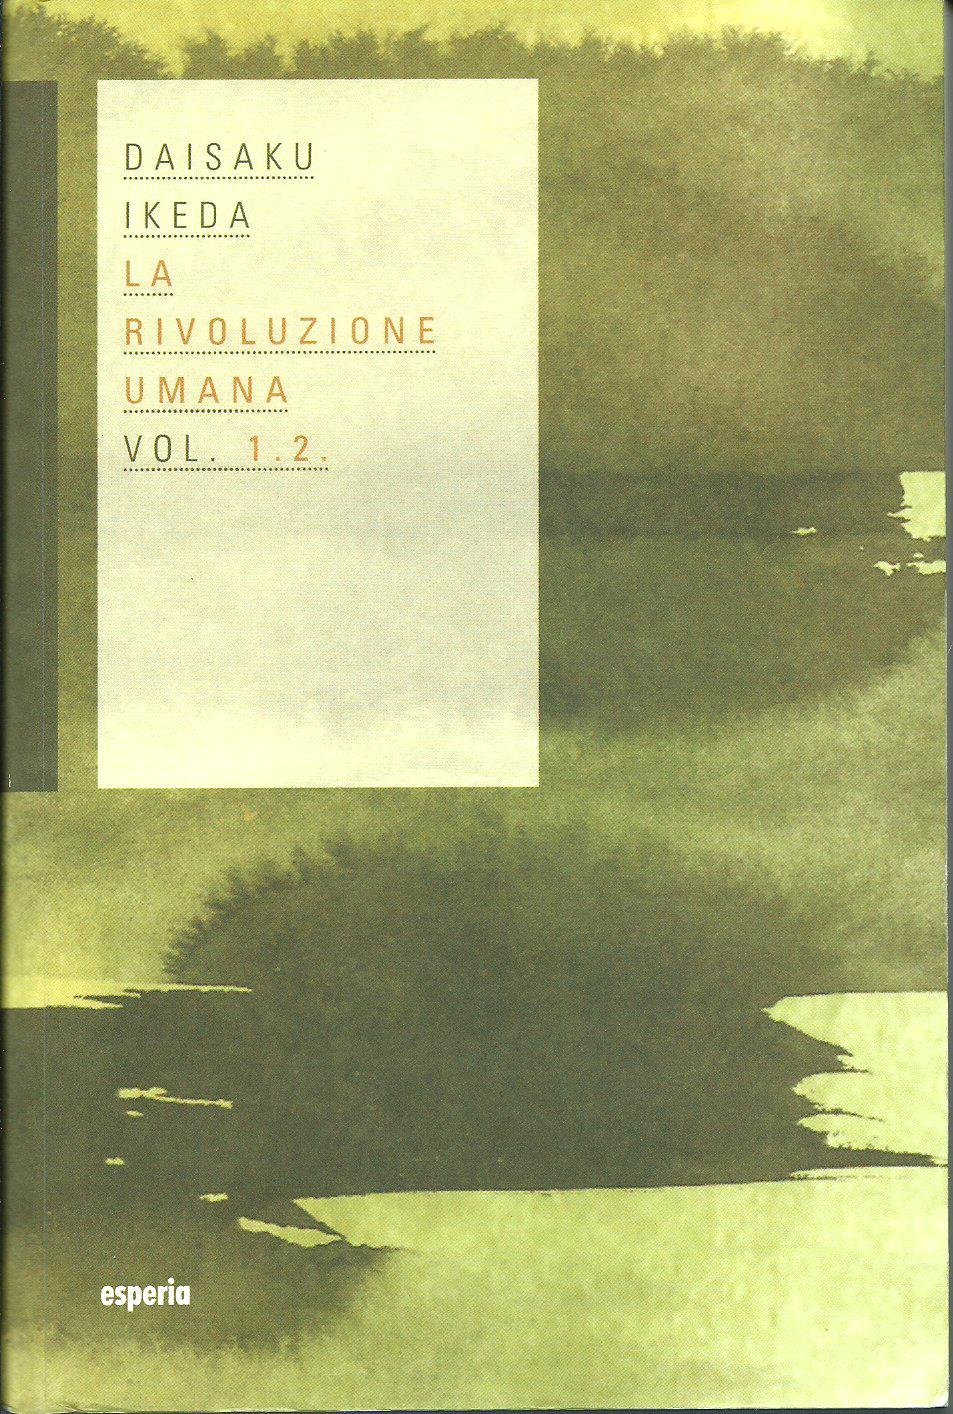 La rivoluzione umana vol. 1-2